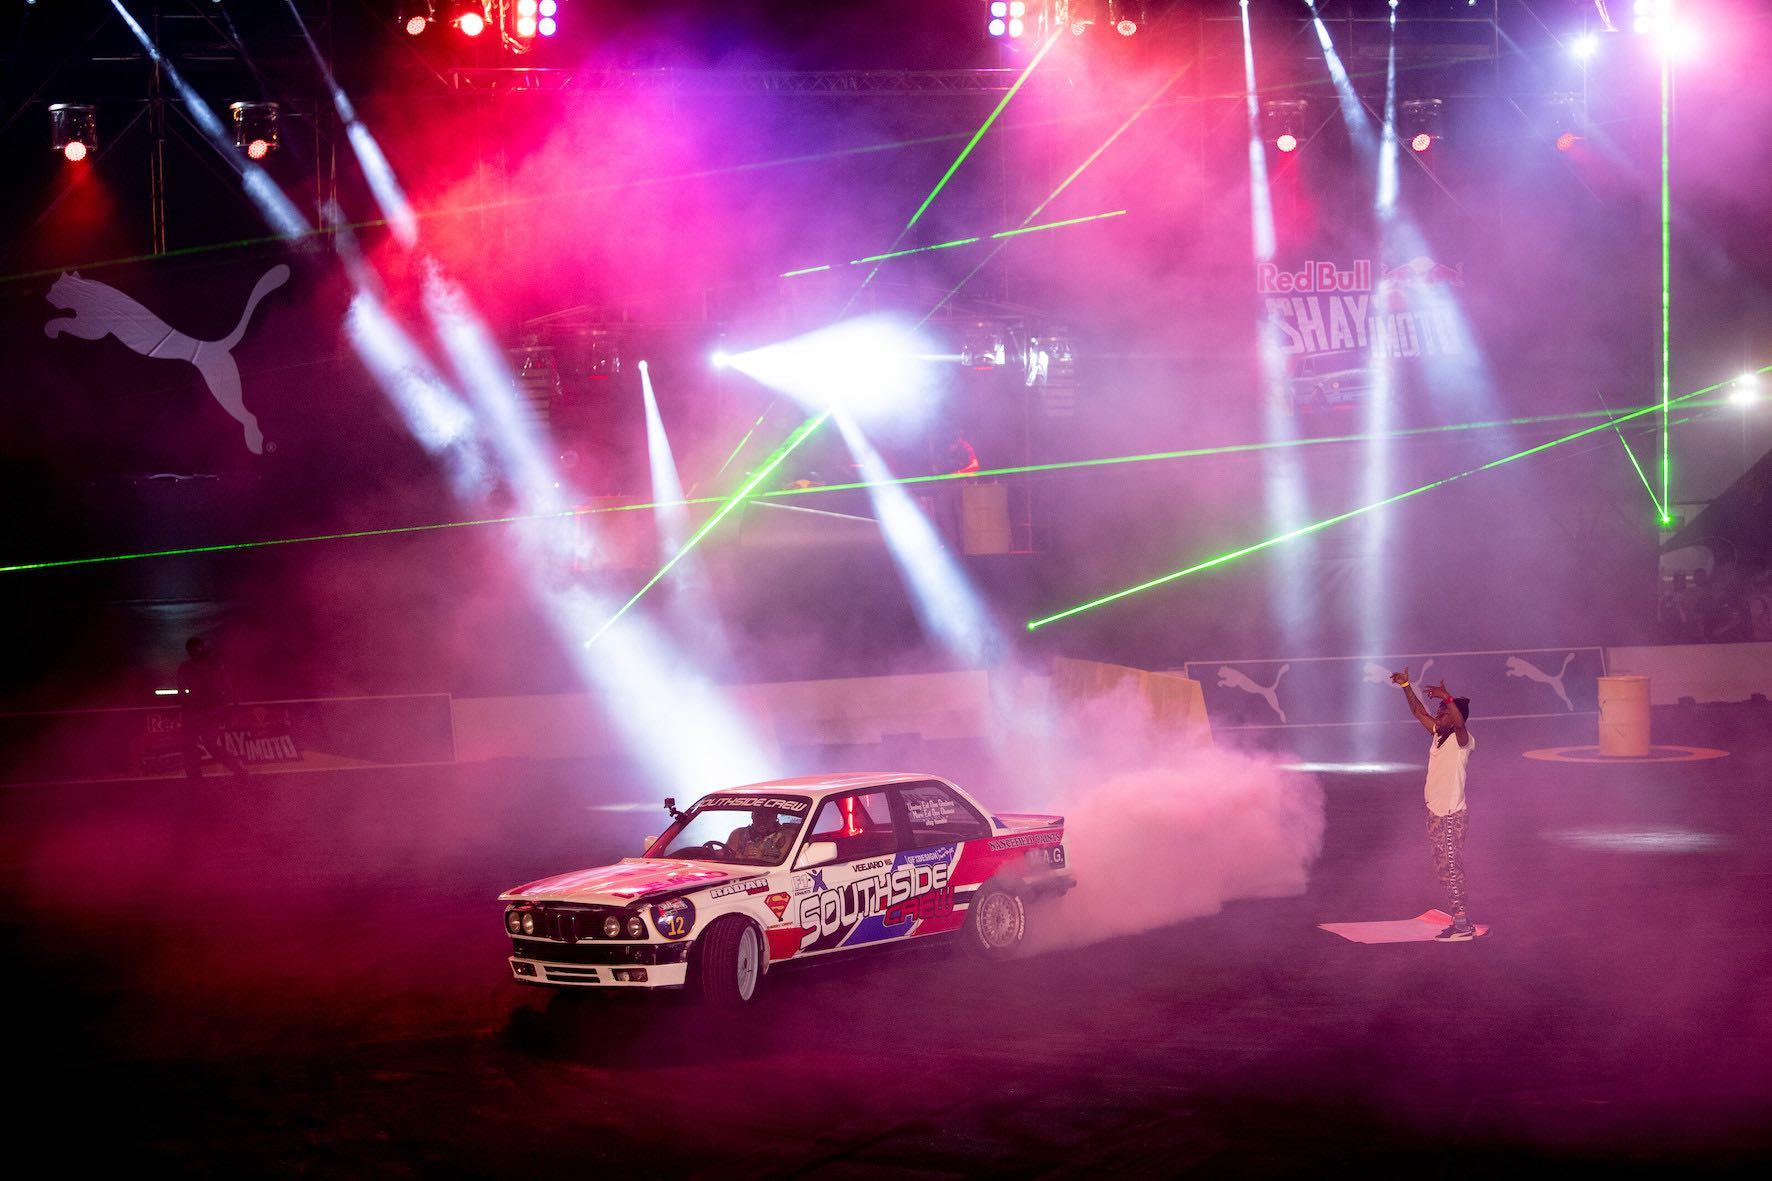 Red Bull Shay' iMoto Returns